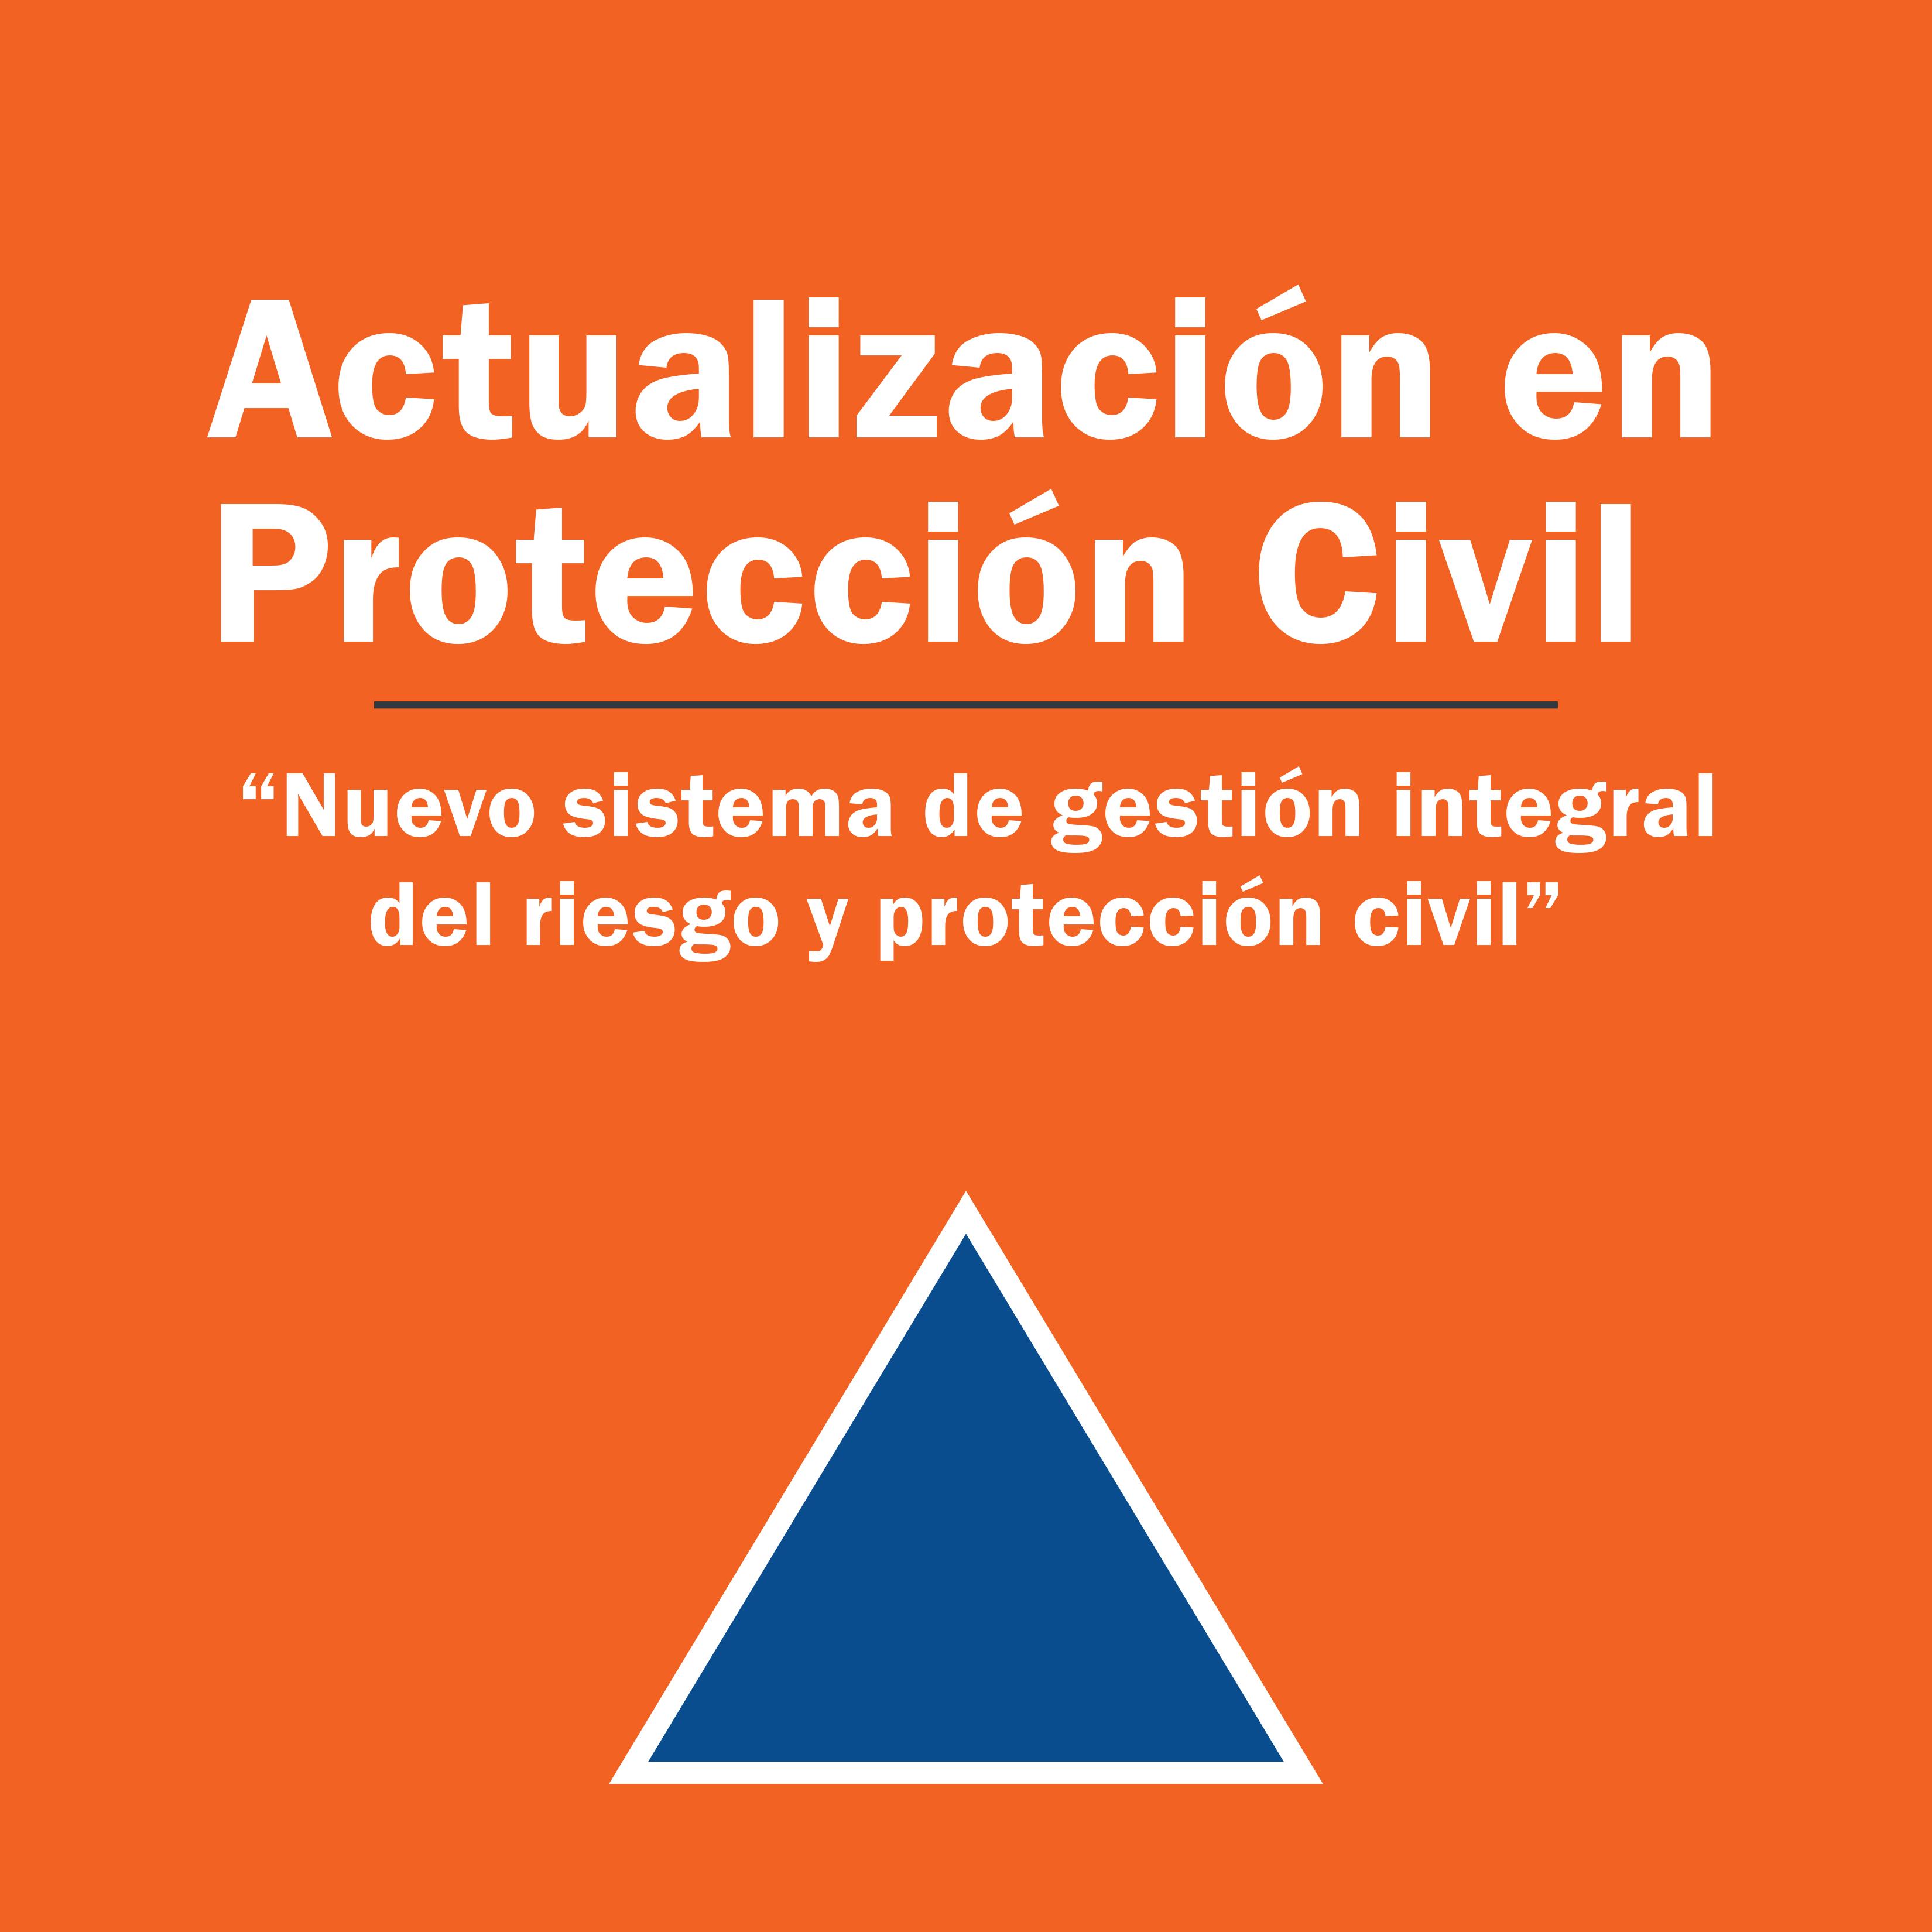 Actualización en Protección Civil